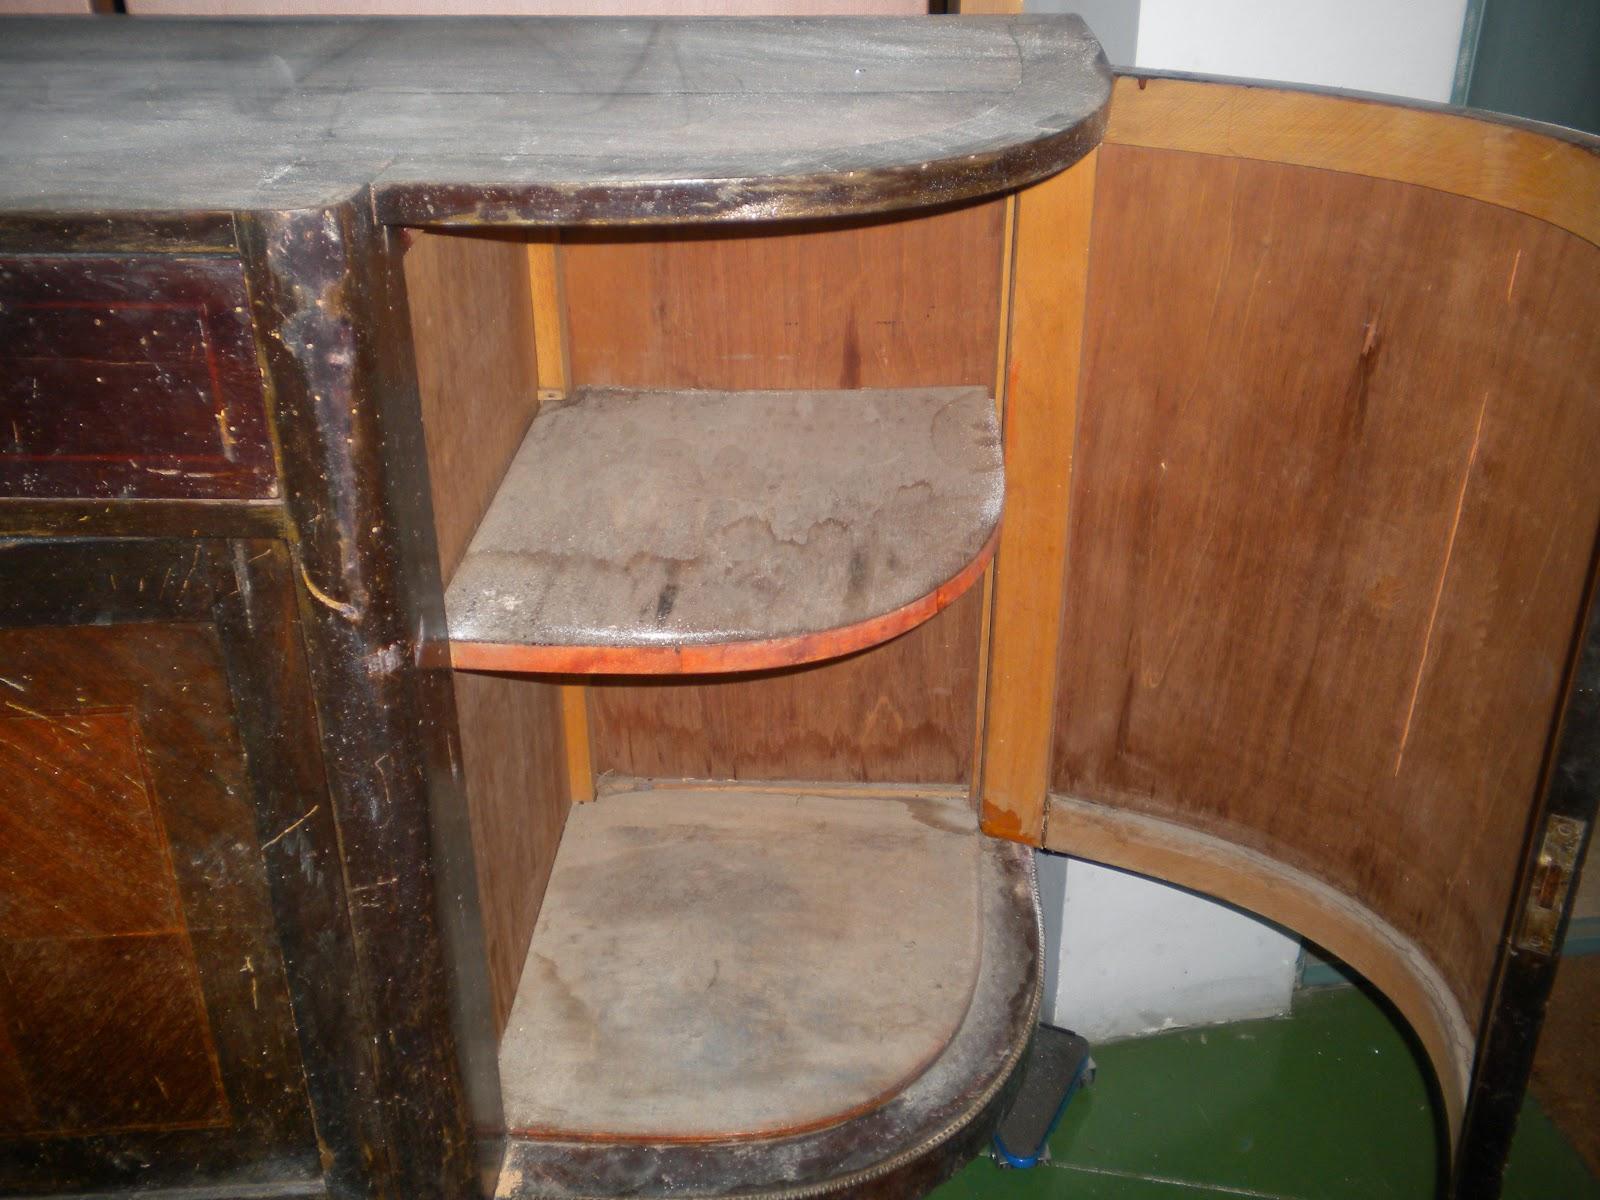 Taller de restauraci n lila ideas de c mo restaurar un - Fotos de muebles antiguos ...